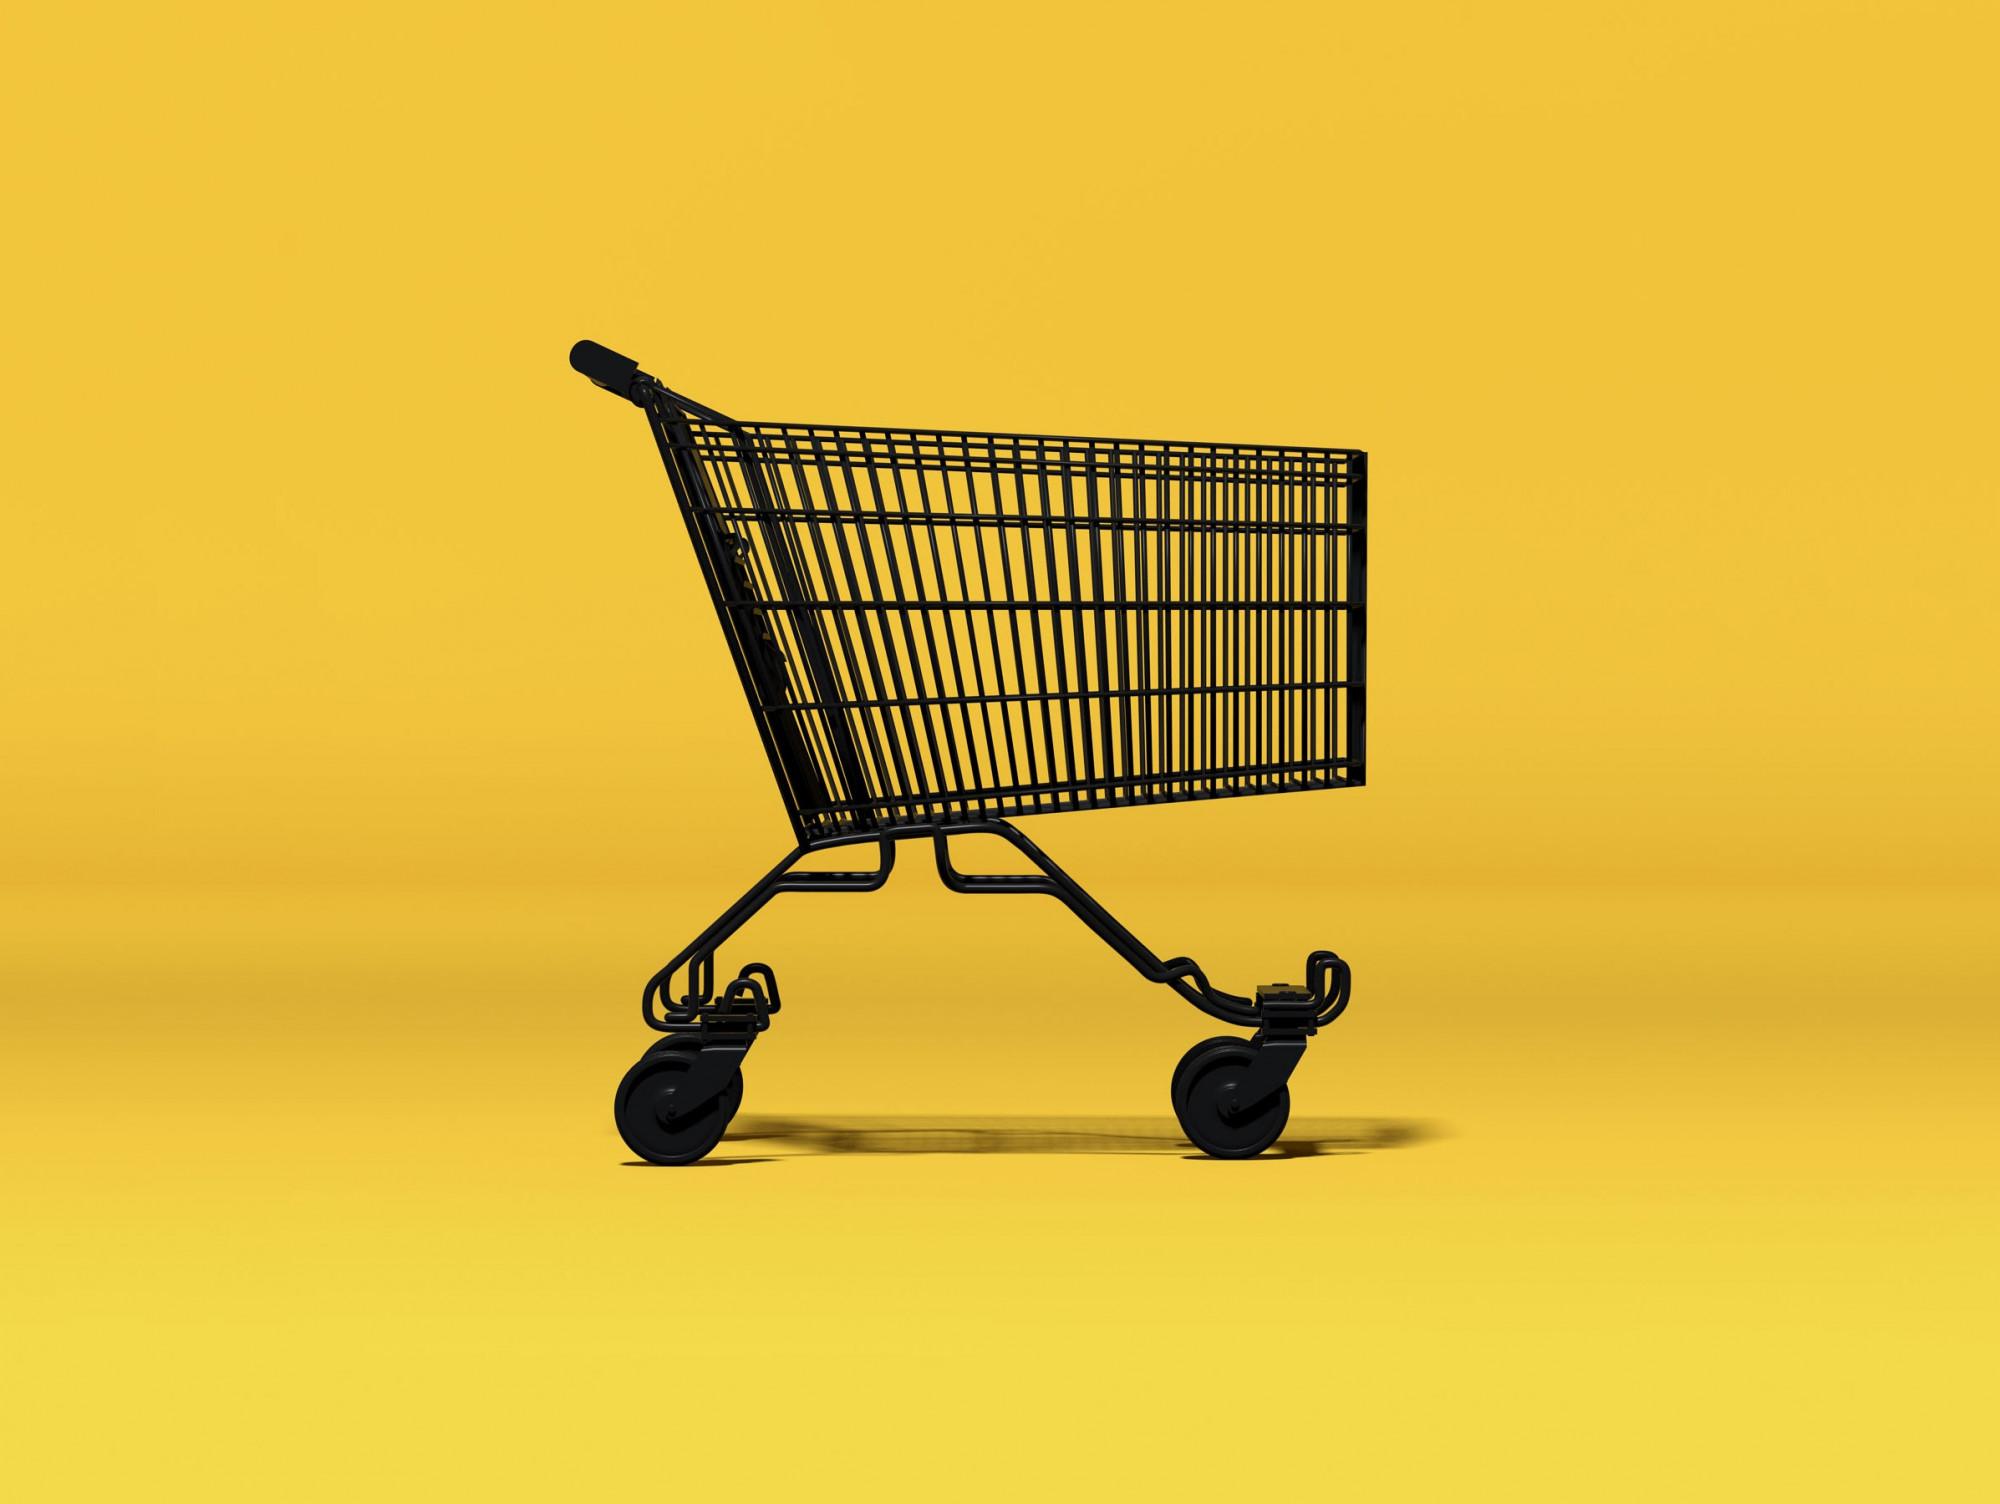 توصیههایی برای انجام خرید هنگام شیوع کرونا